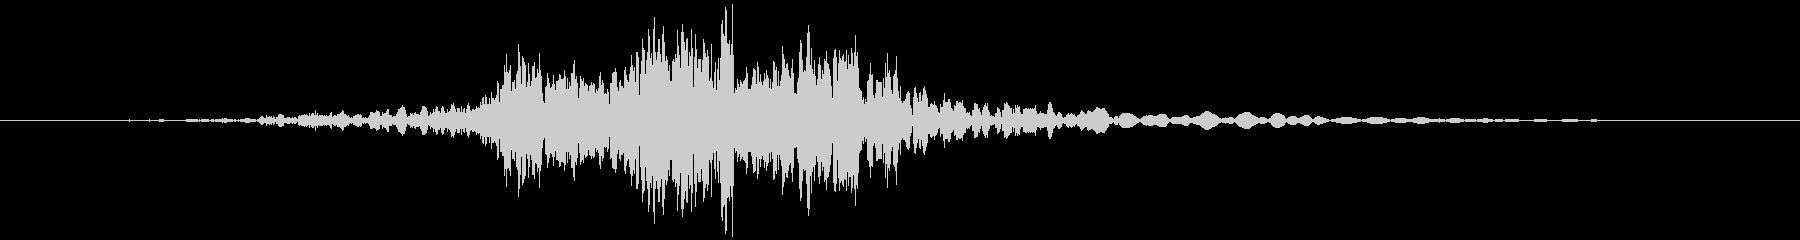 スペーステレポートウォーブリングラ...の未再生の波形